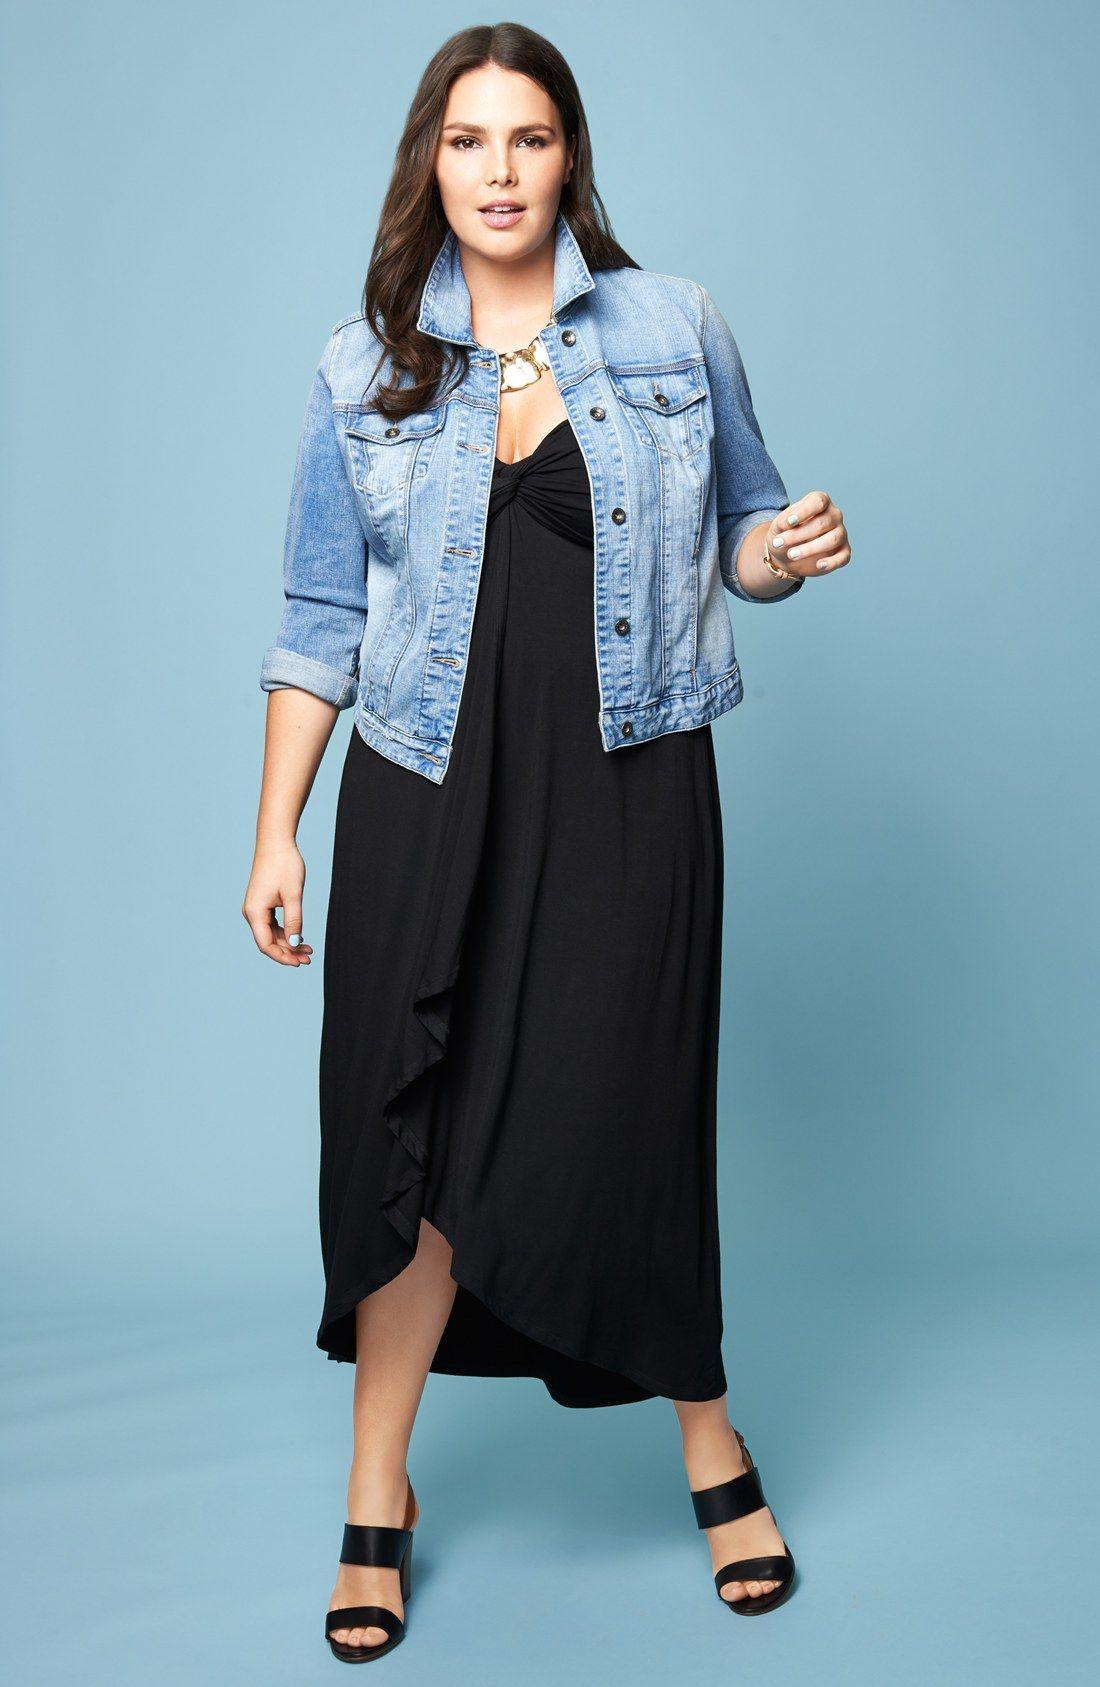 City Chic Santorini Twist Front Strapless Maxi Dress Plus Size